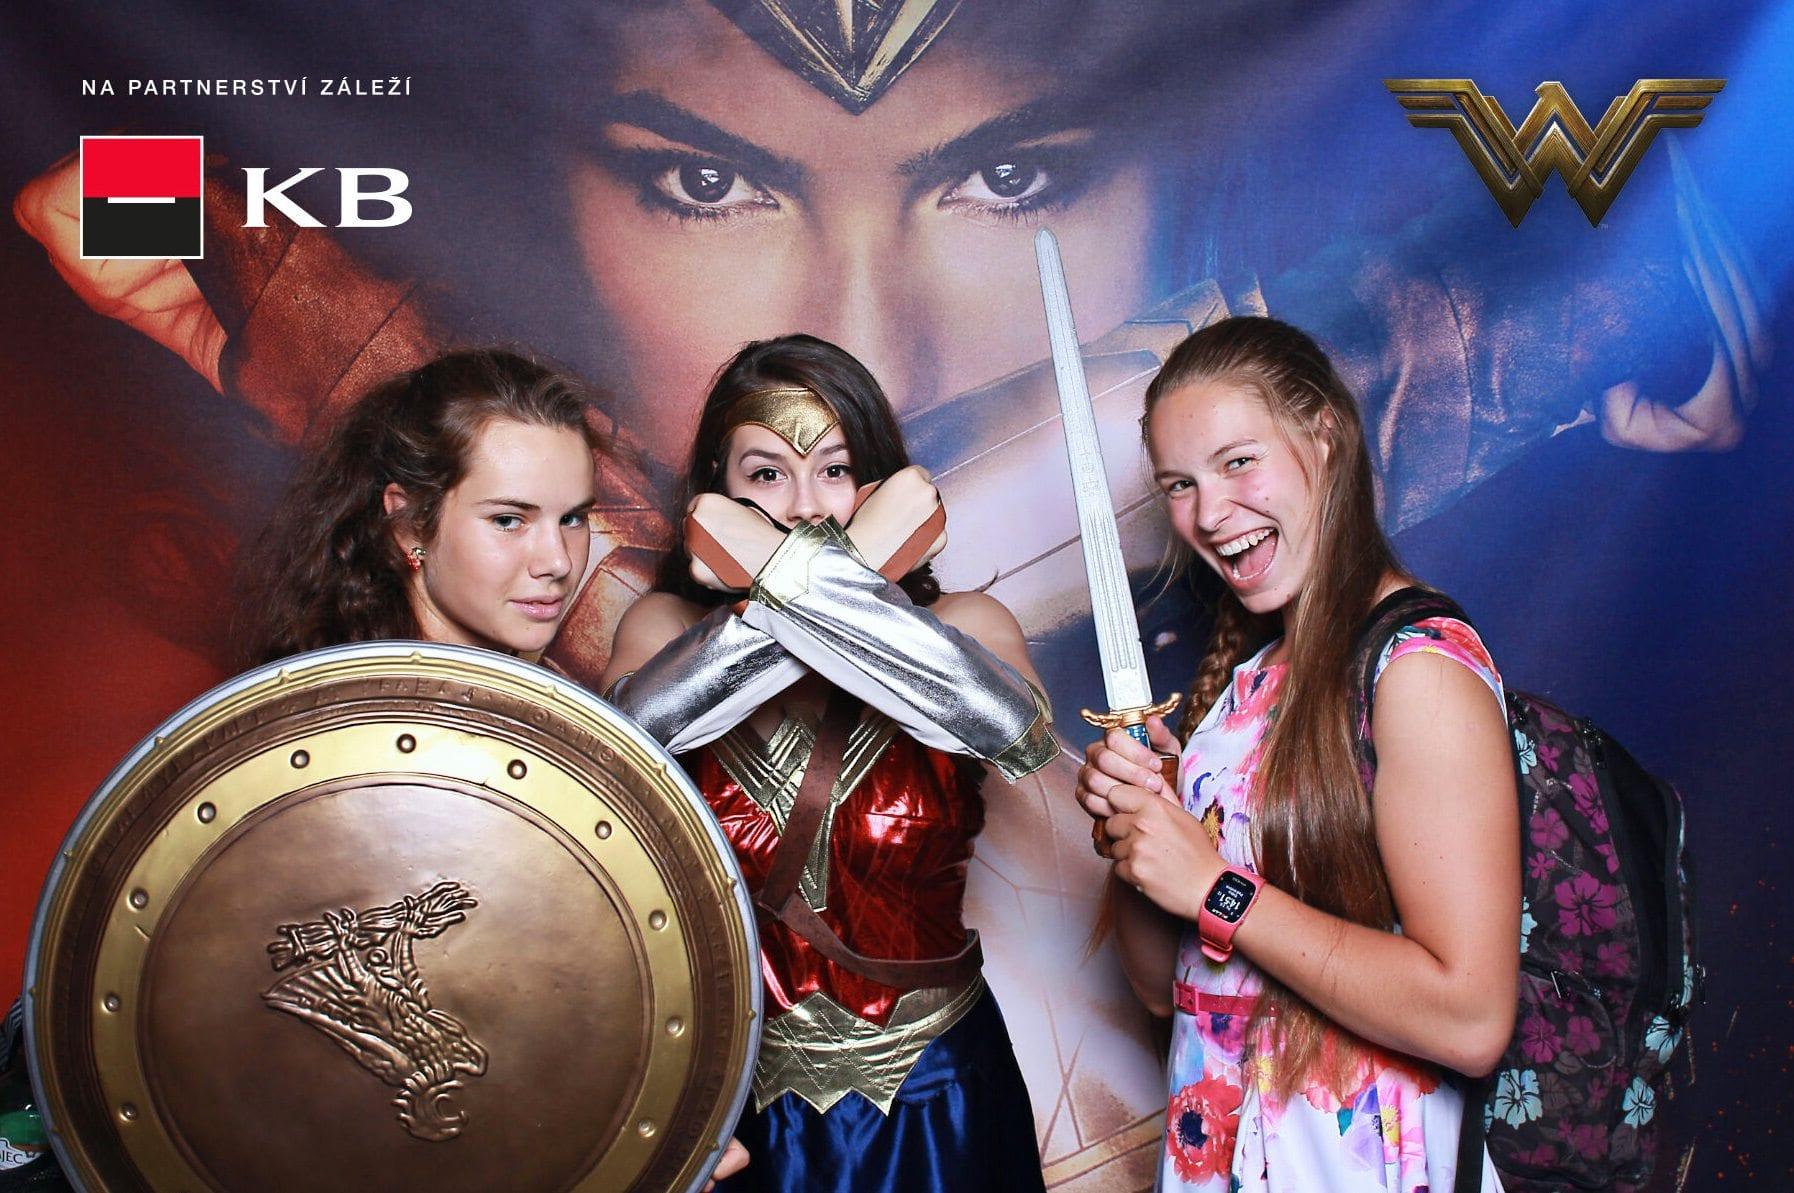 fotokoutek-komercni-banka-wonder-woman-2-6-2017-259659